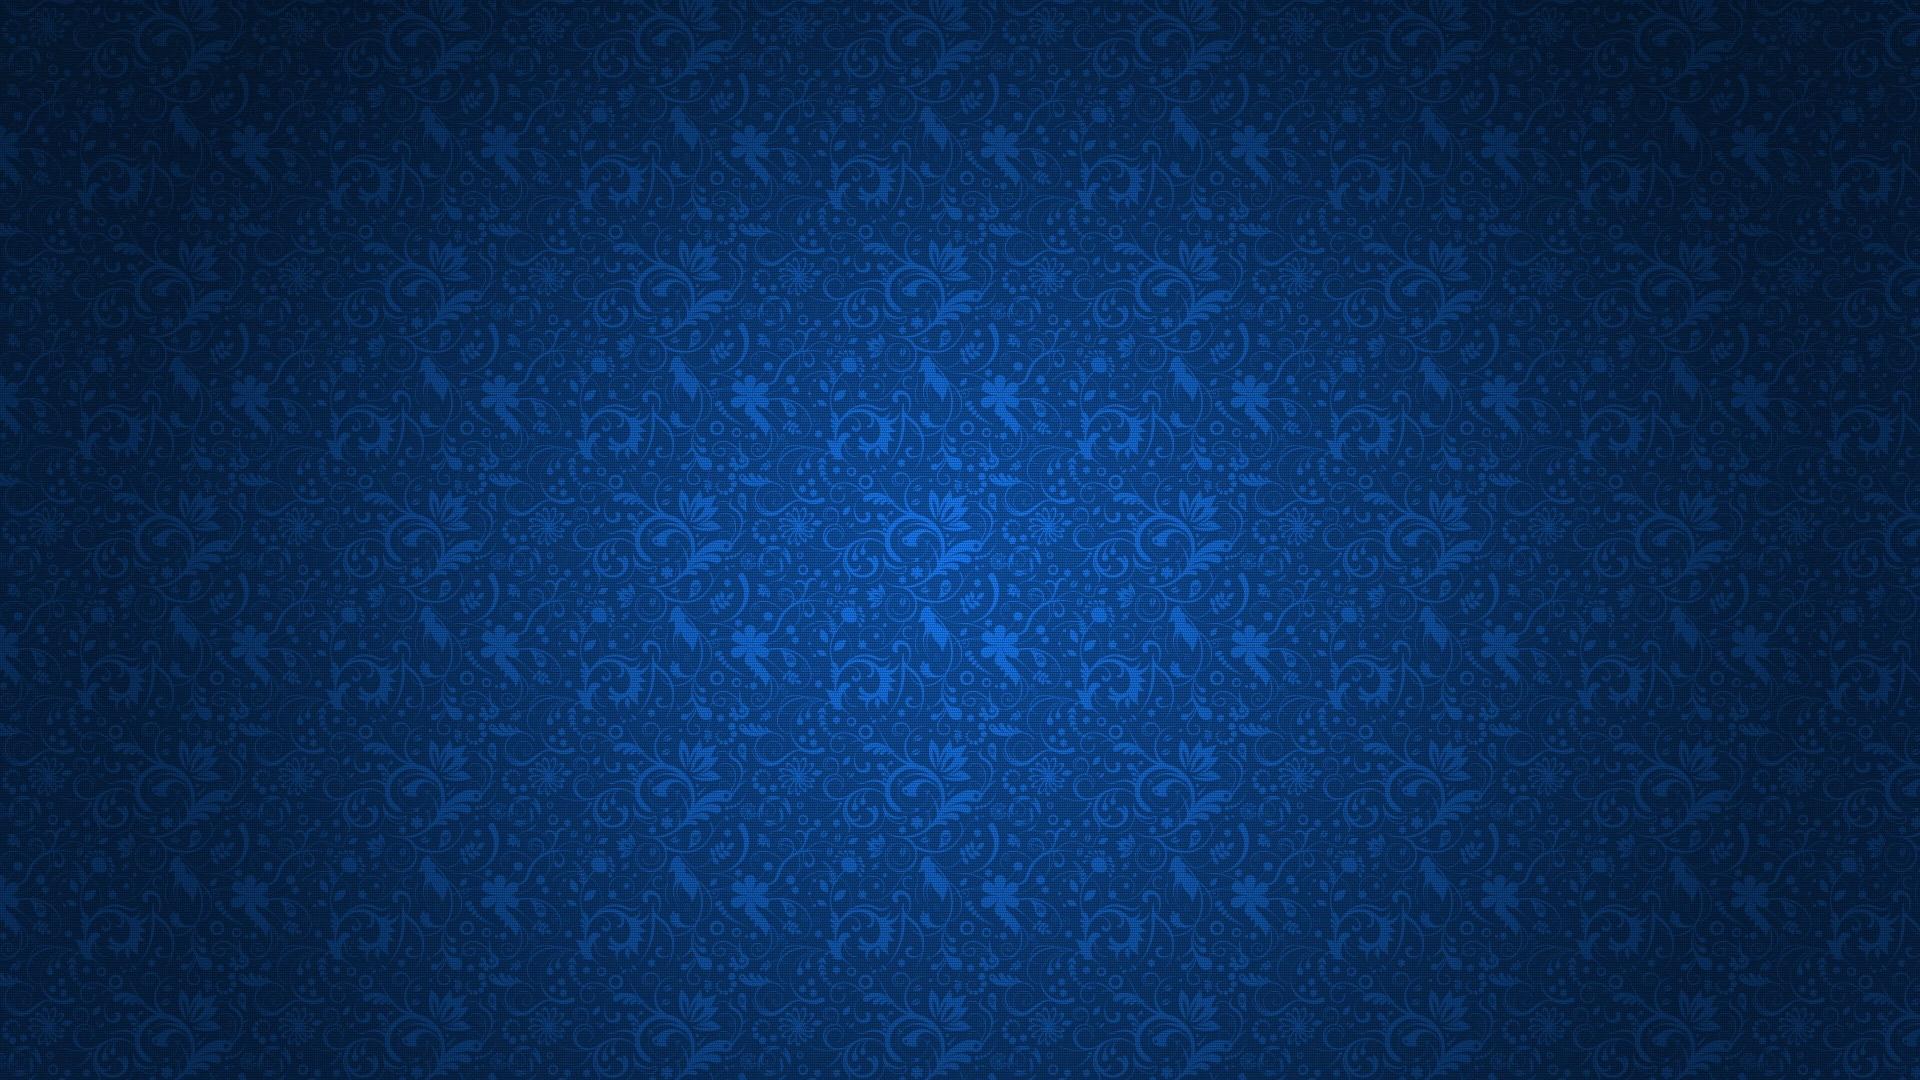 Dark Blue Background Pattern Hd   clipartsgramcom 1920x1080